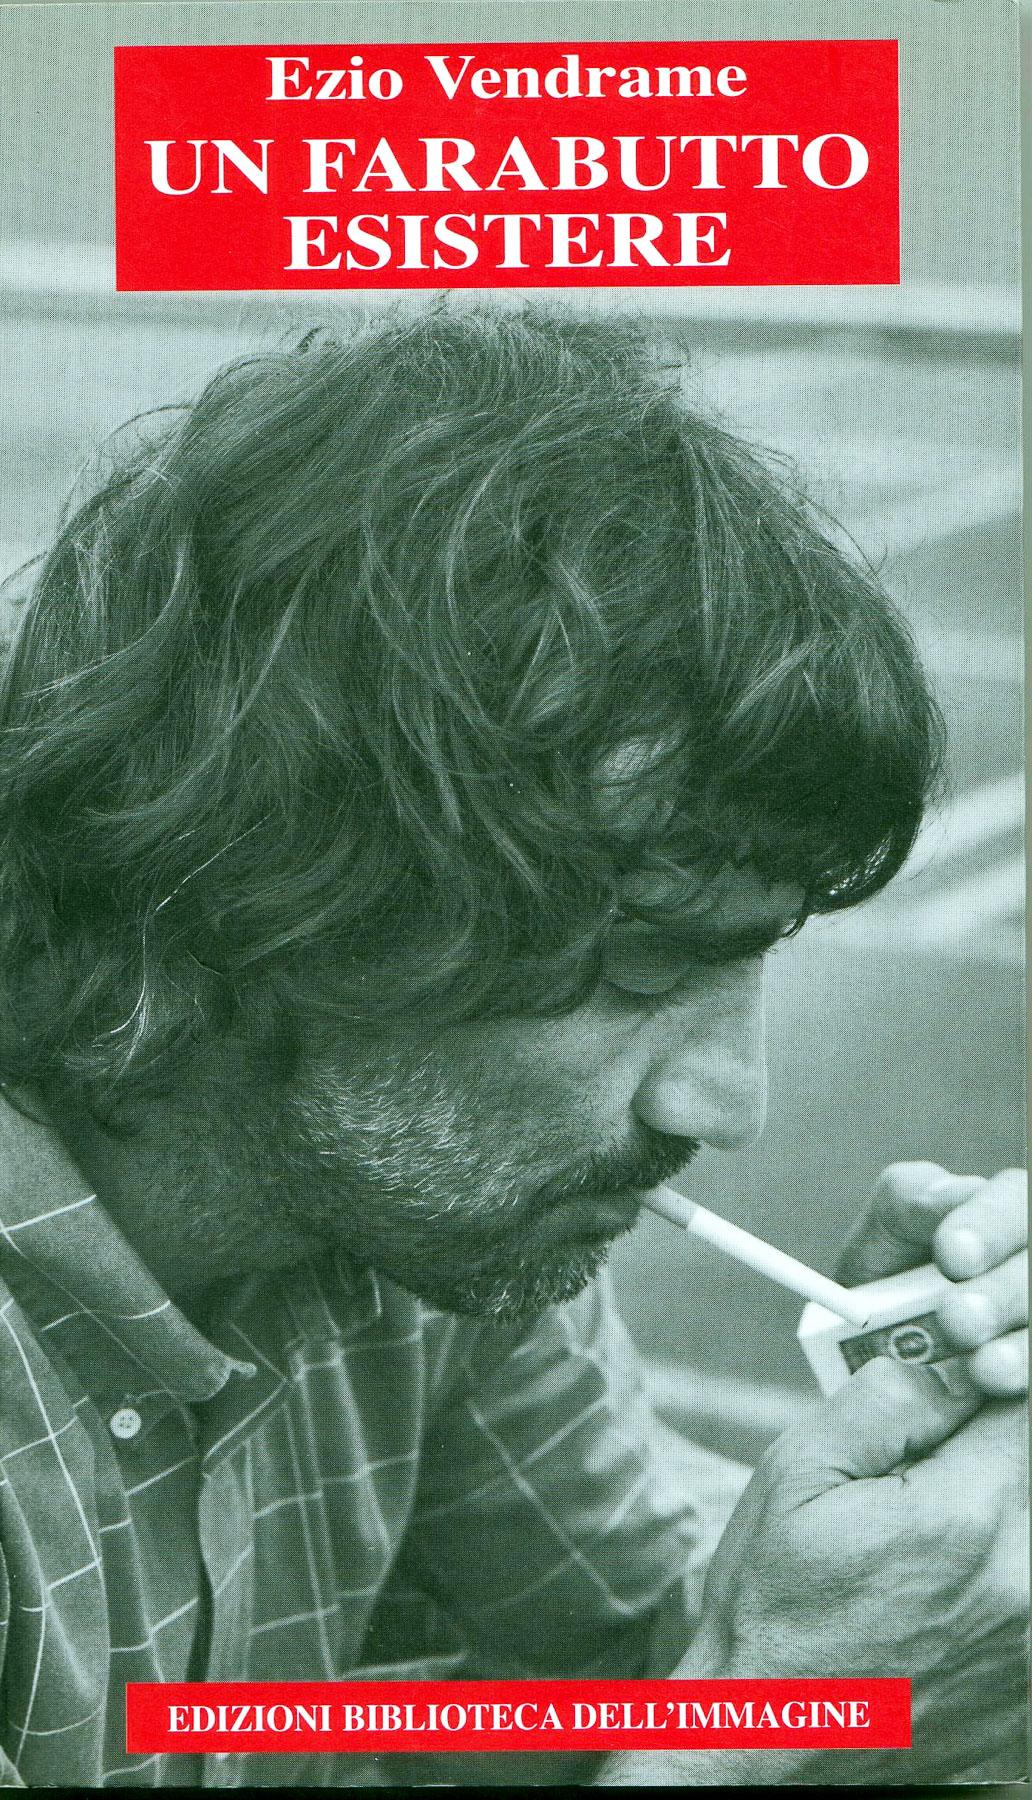 Ezio Vendrame - Franco Boggero